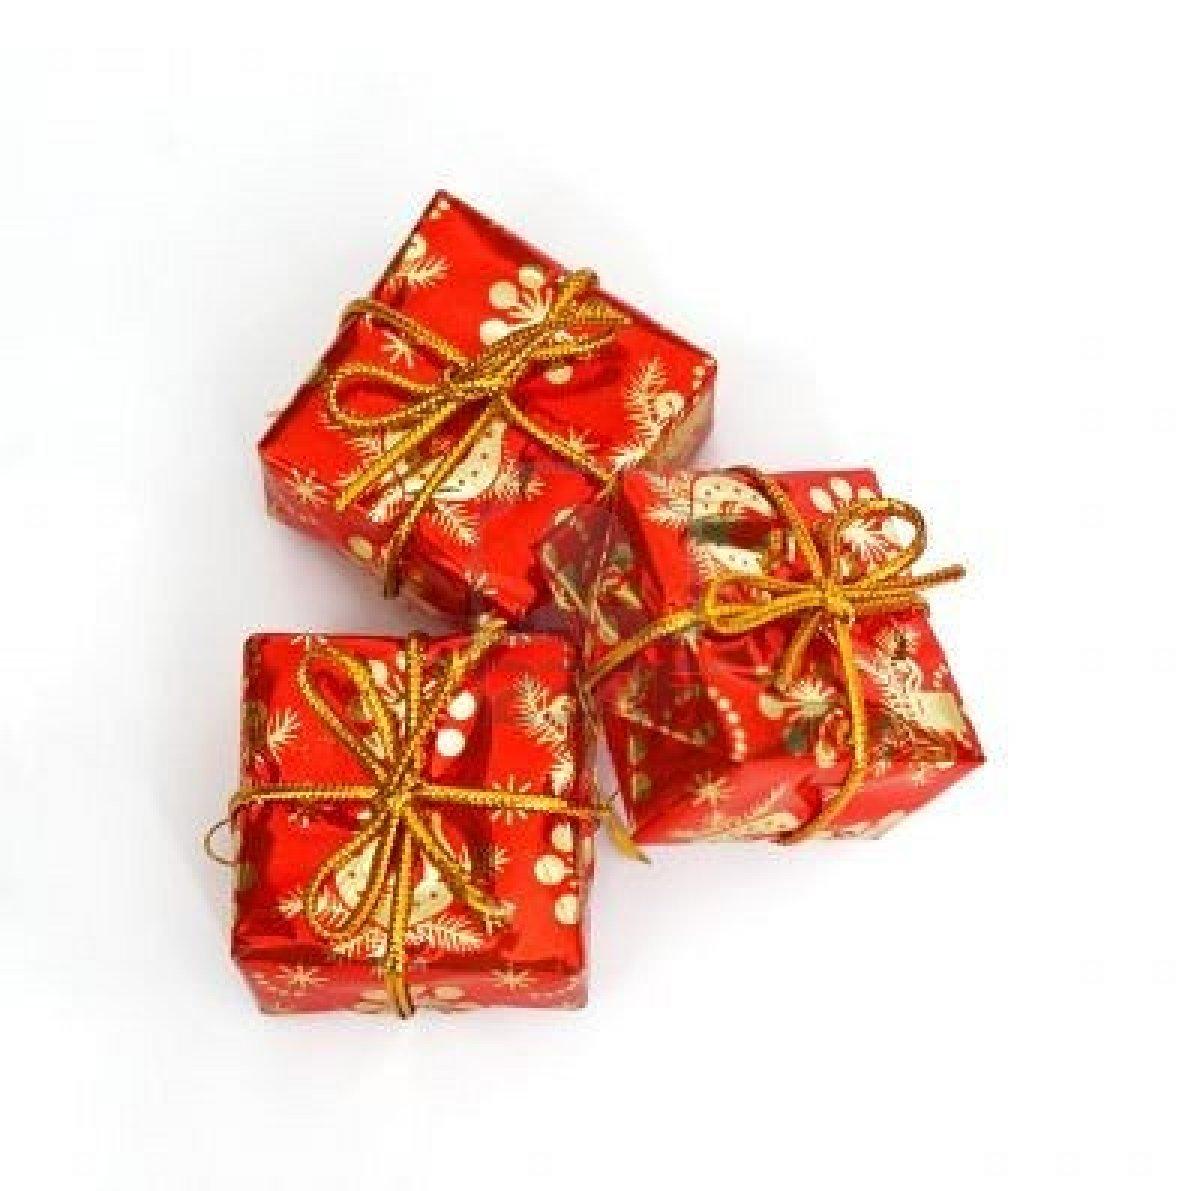 http://4.bp.blogspot.com/-2-b2hIW86F8/TtZgEQRGF3I/AAAAAAAAEUg/klO0RLlBDPM/s1600/287622-regalos-de-navidad.jpg